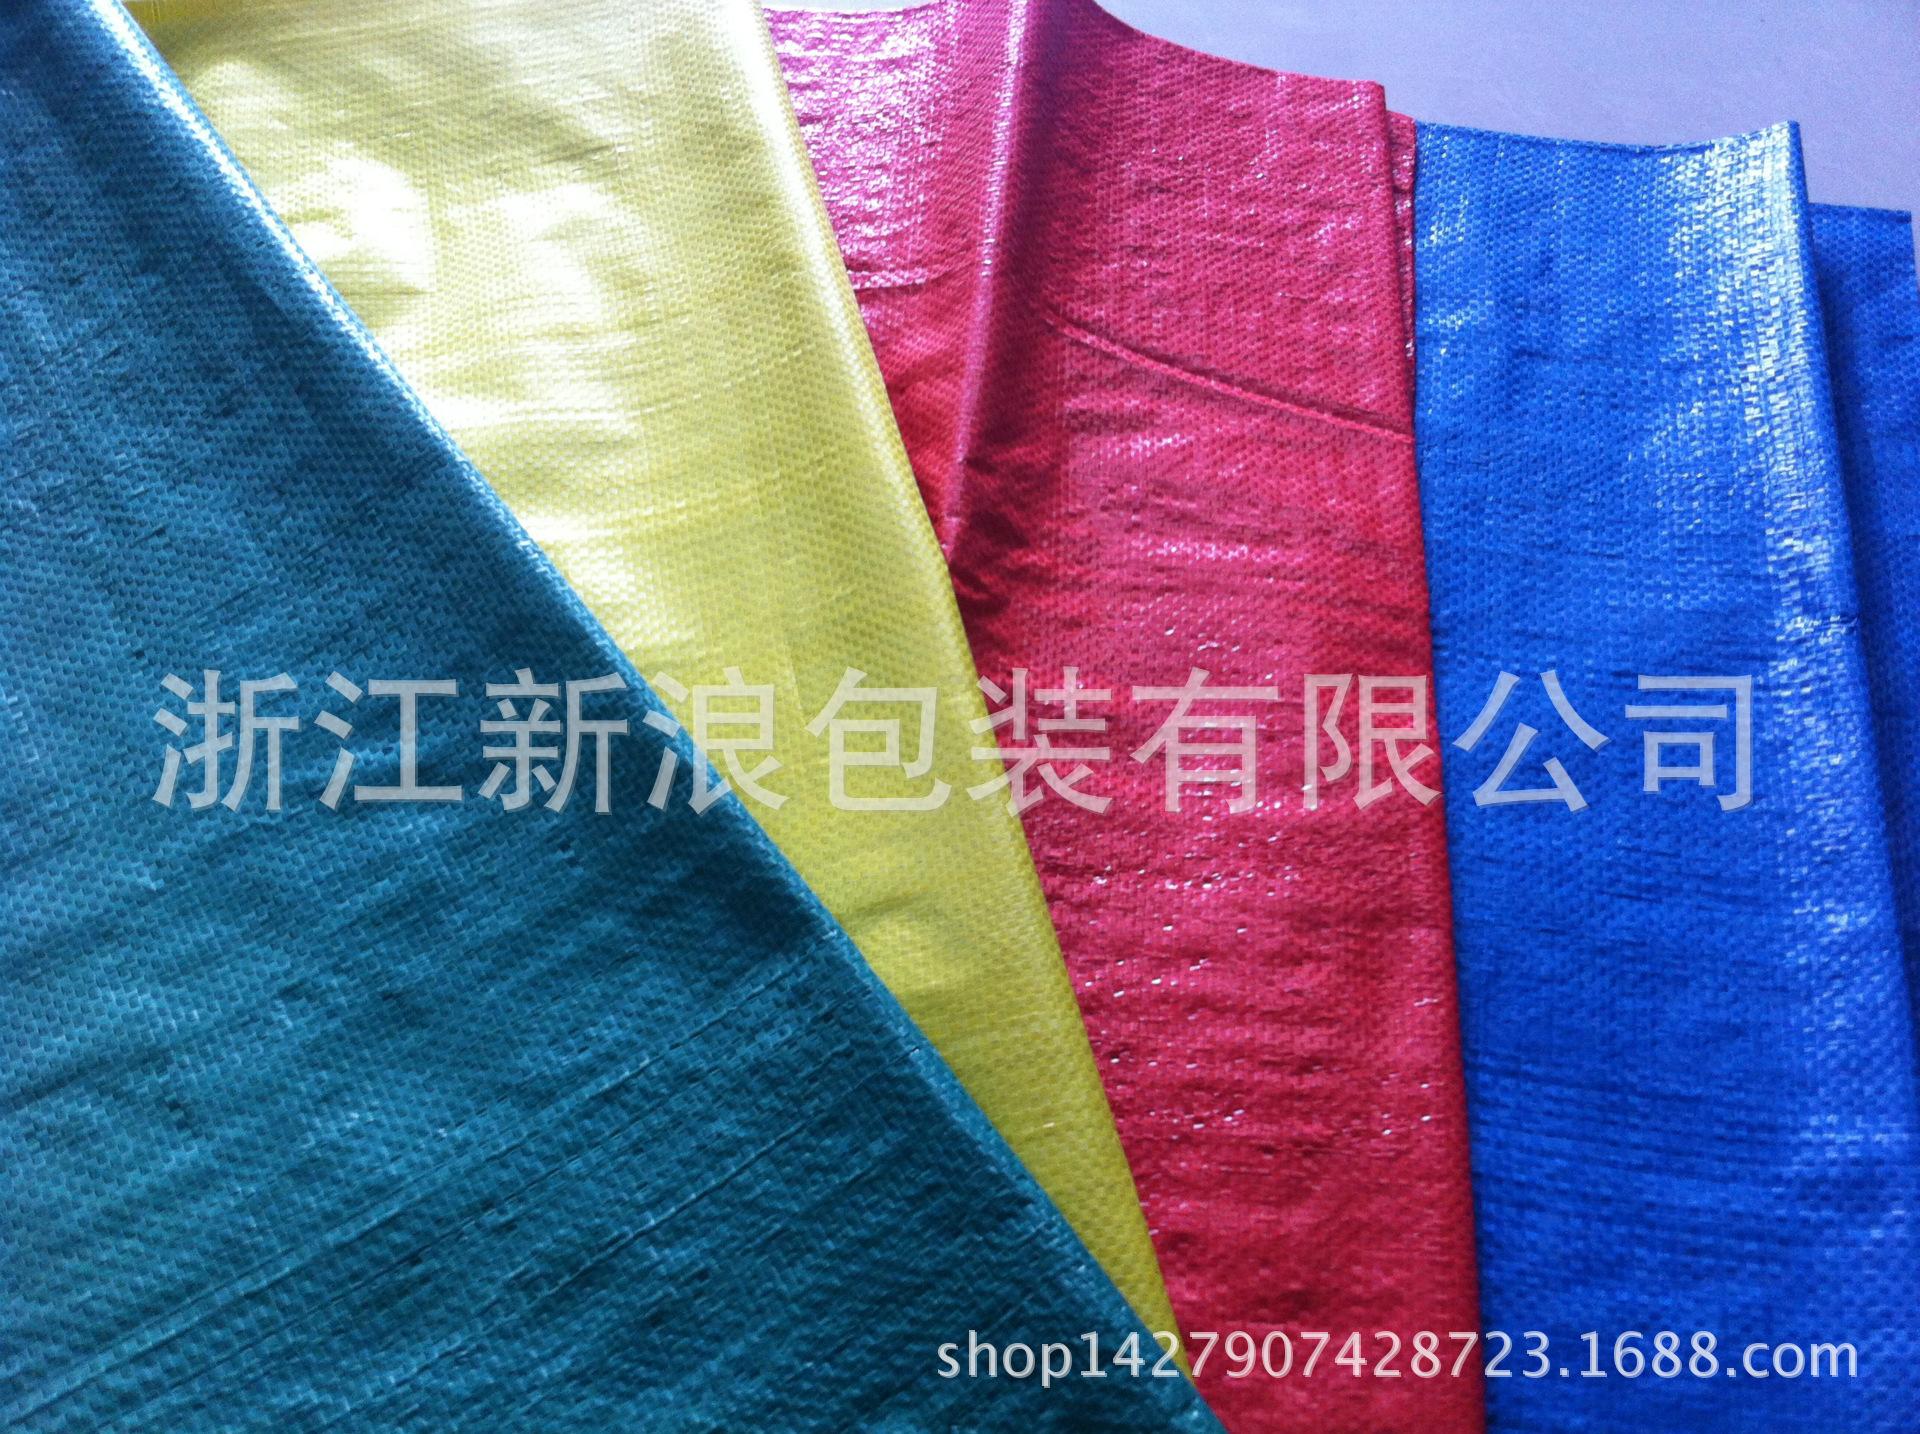 水泥专用编织袋